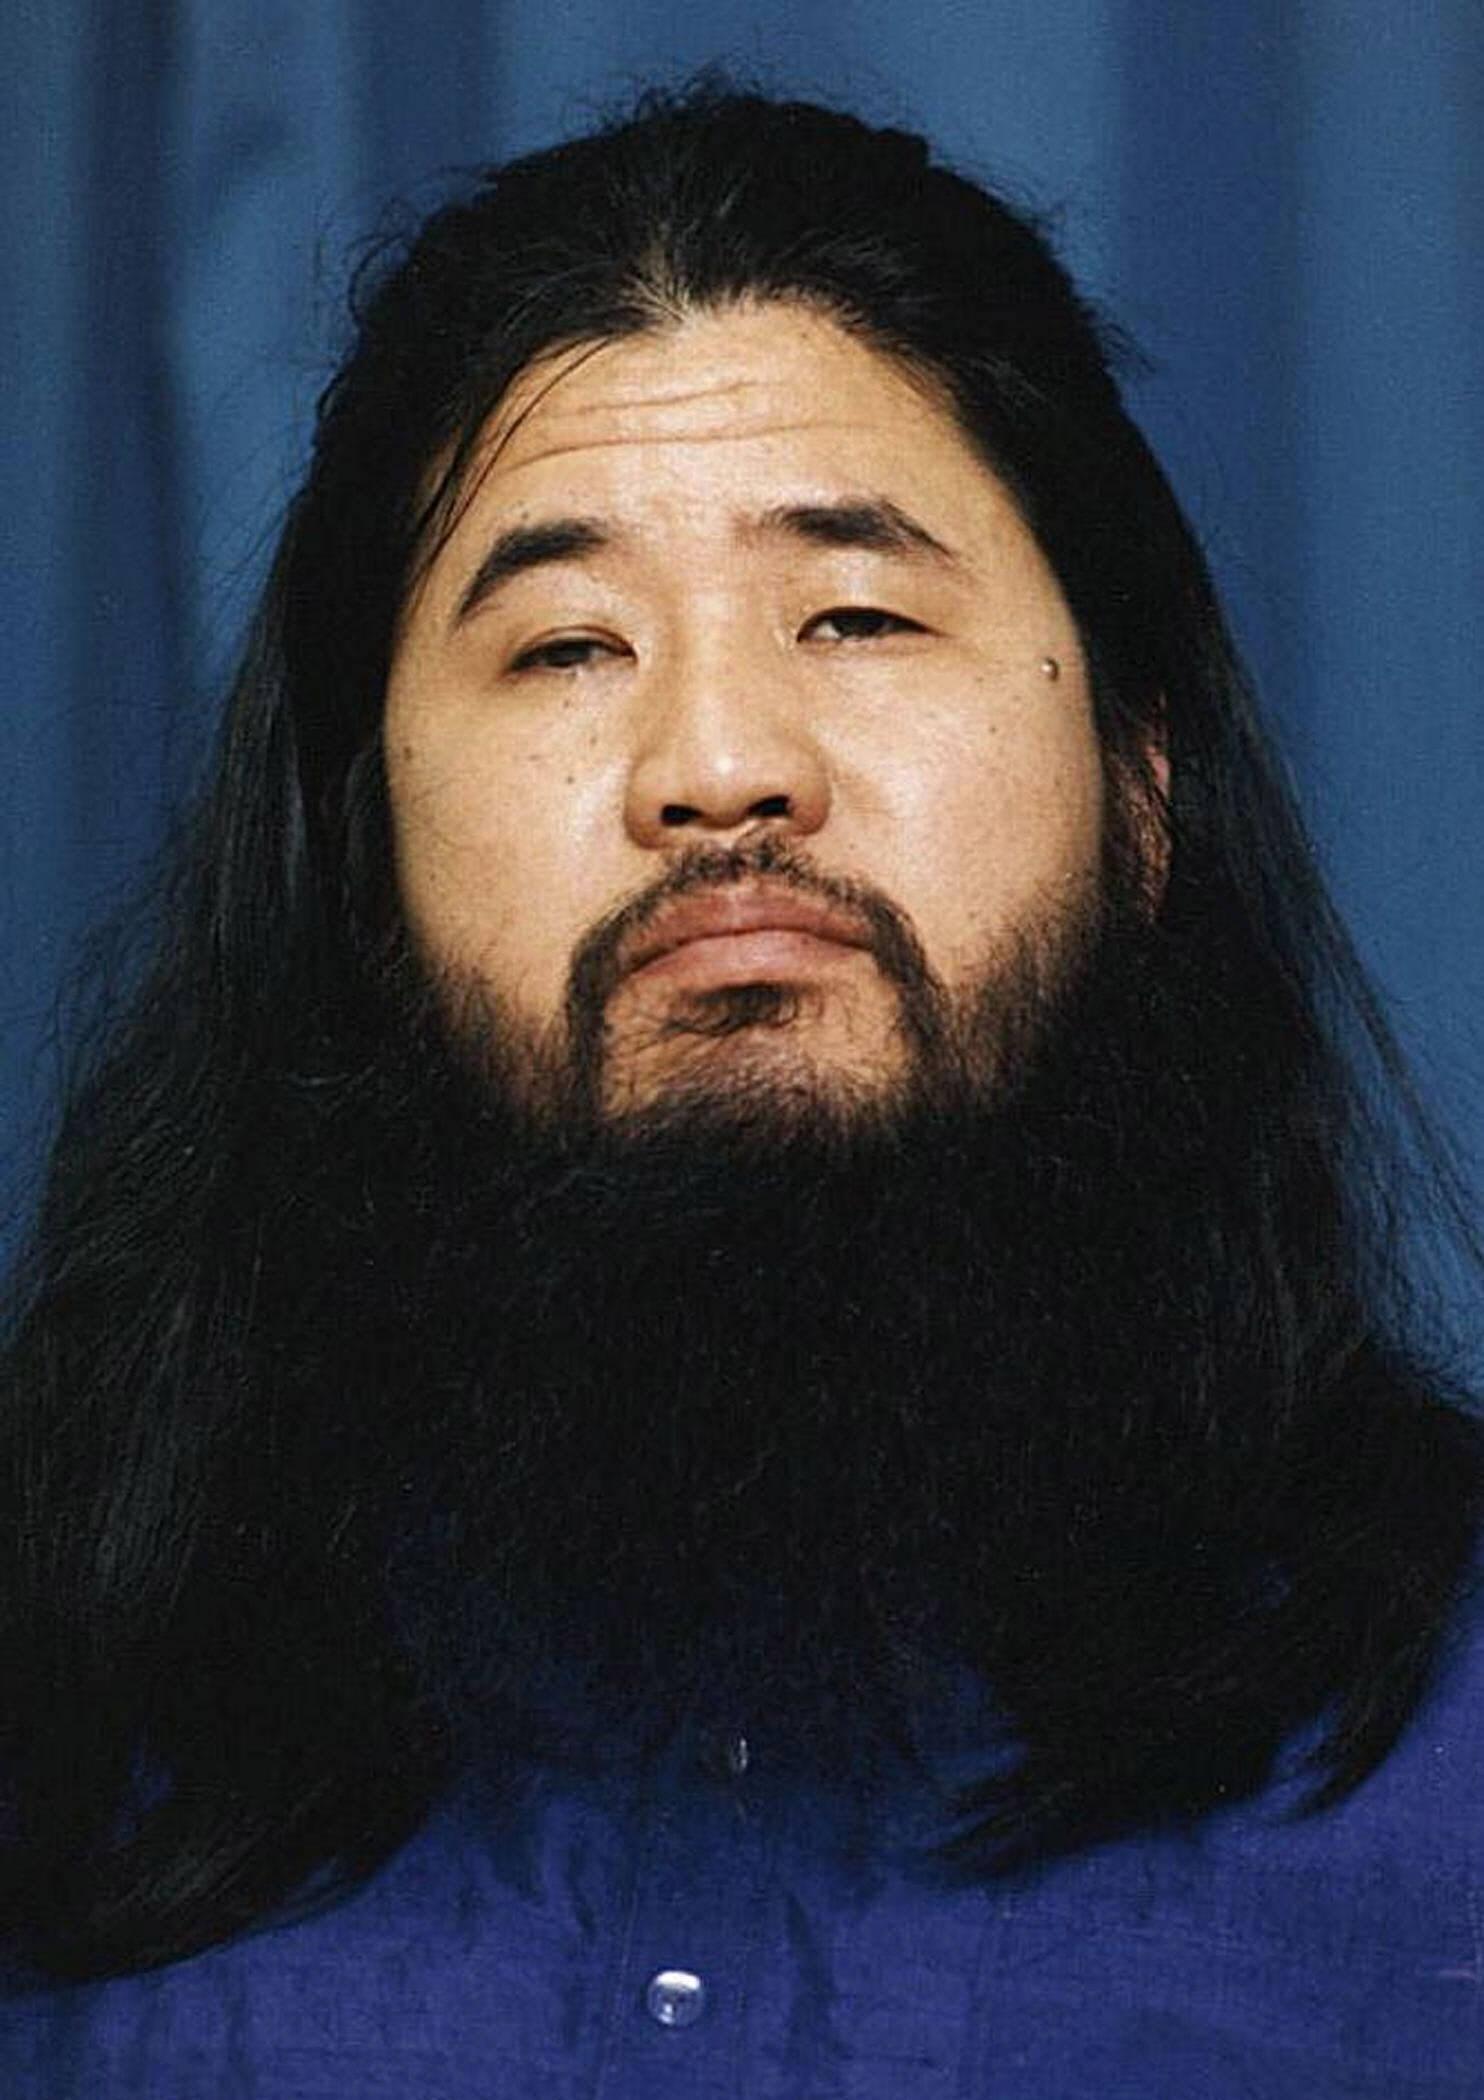 日本奥姆真理教教主麻原彰幌接受审讯 邪教